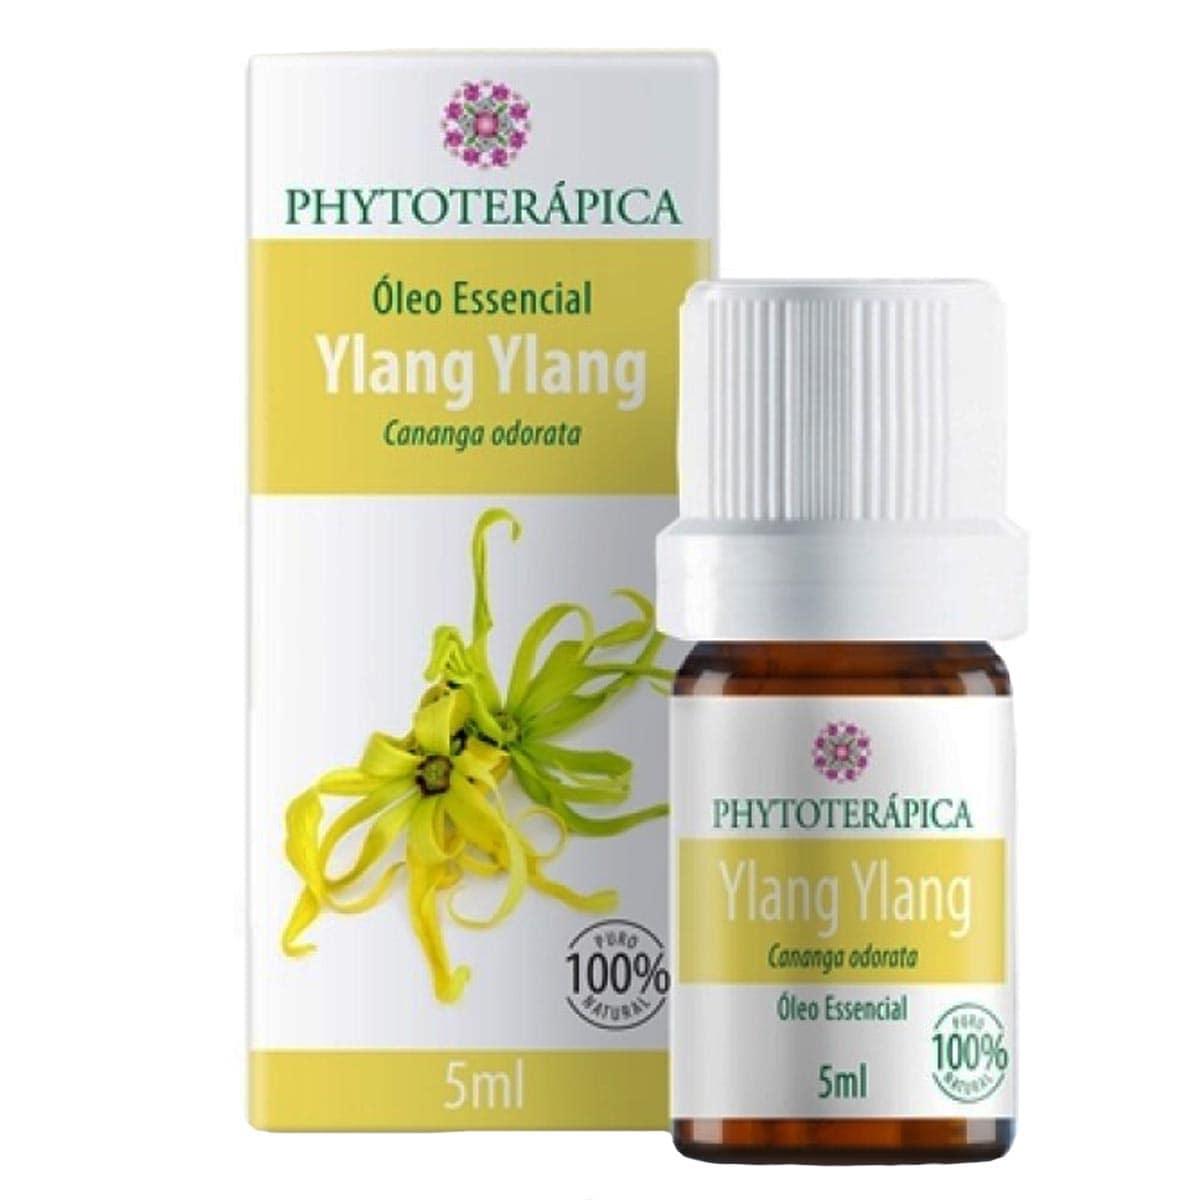 Óleo essencial Ylang Ylang 5ml Phytoterápica